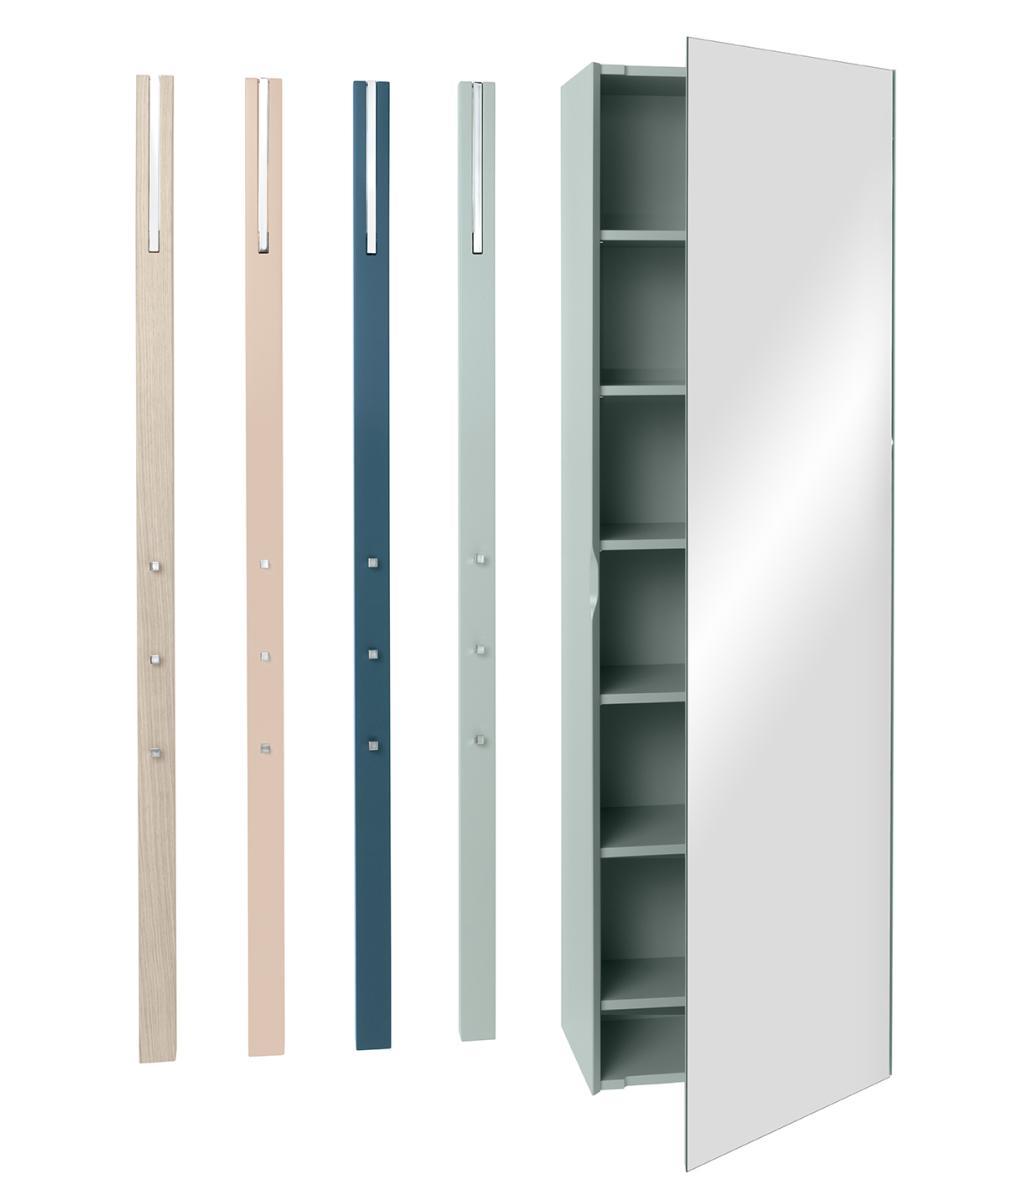 LINE Garderobenschrank mit 6 Einlegeböden und 4 LINE Garderoben